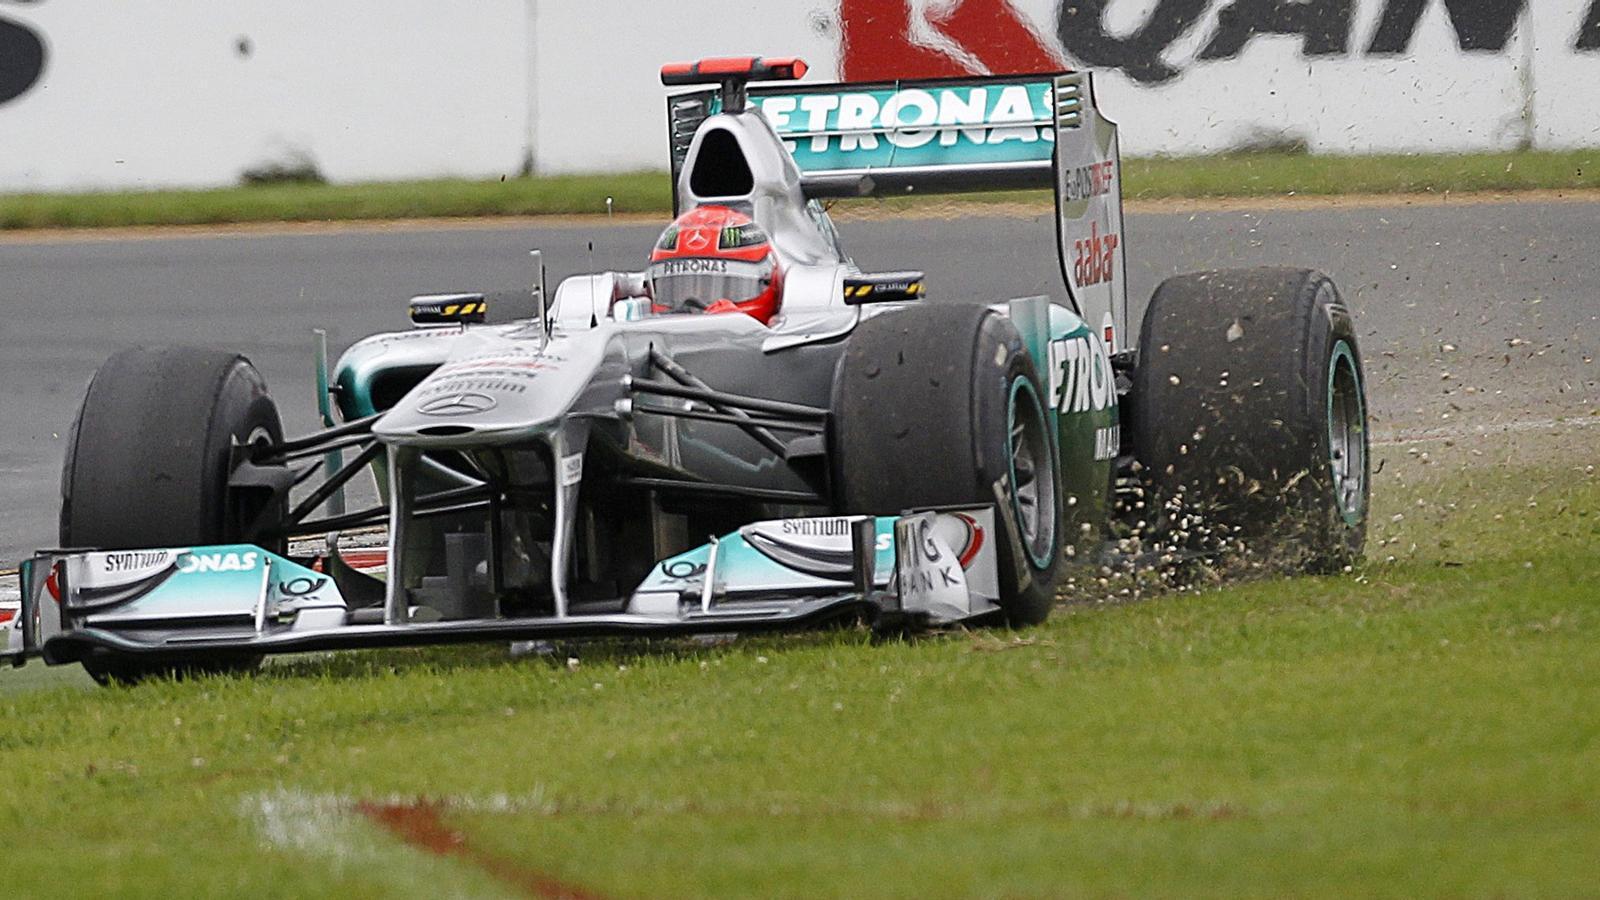 Tot i les sortides de pista (a la foto, el Mercedes de Schumacher) i els accidents, els pilots acostumen a acabar sans i estalvis. / D.M. / REUTERS